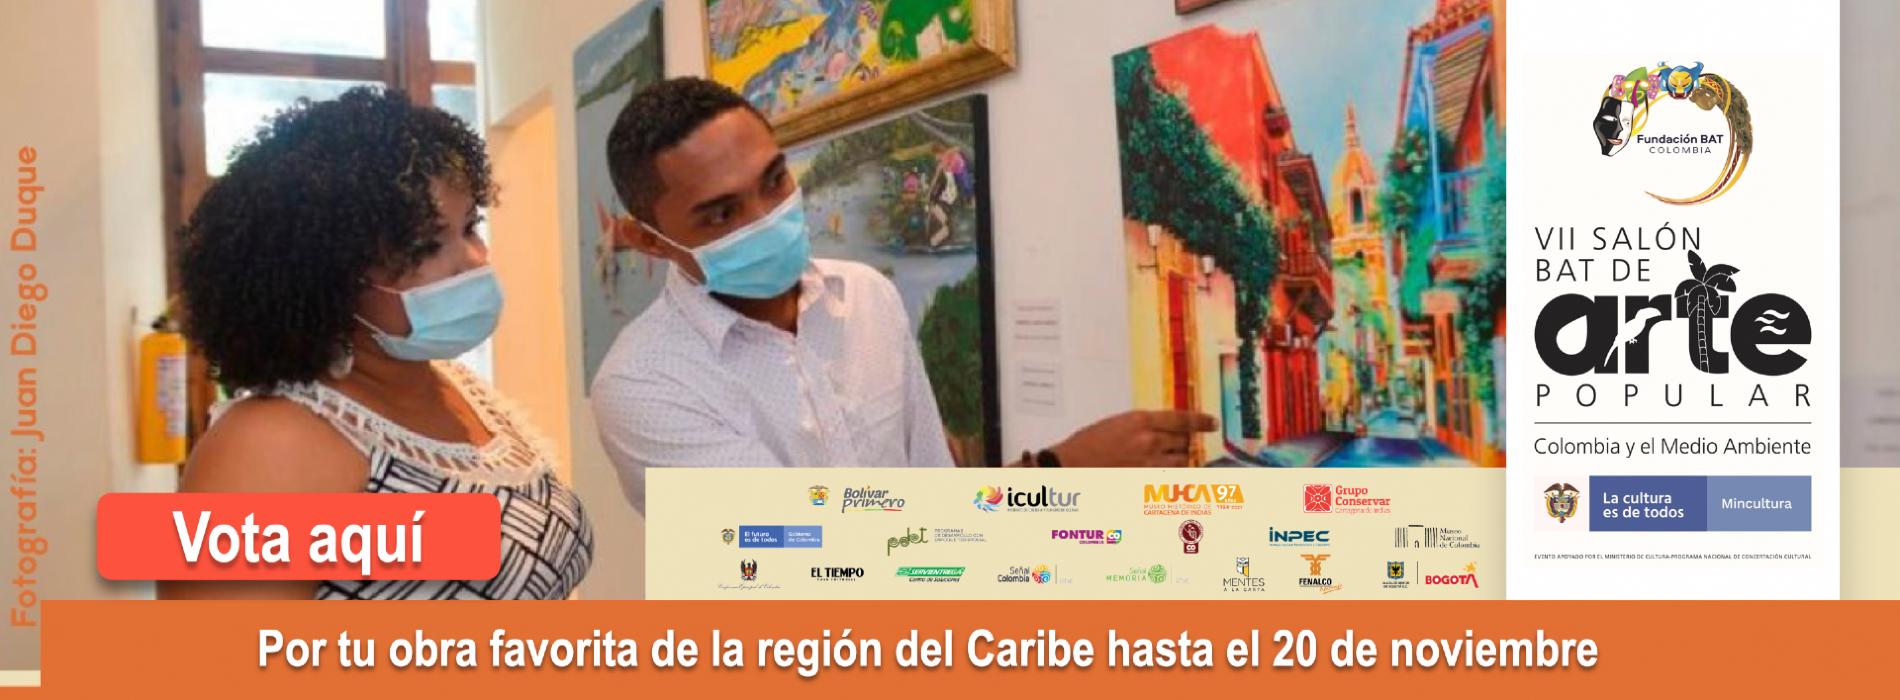 Votaciones Cartagena 2021